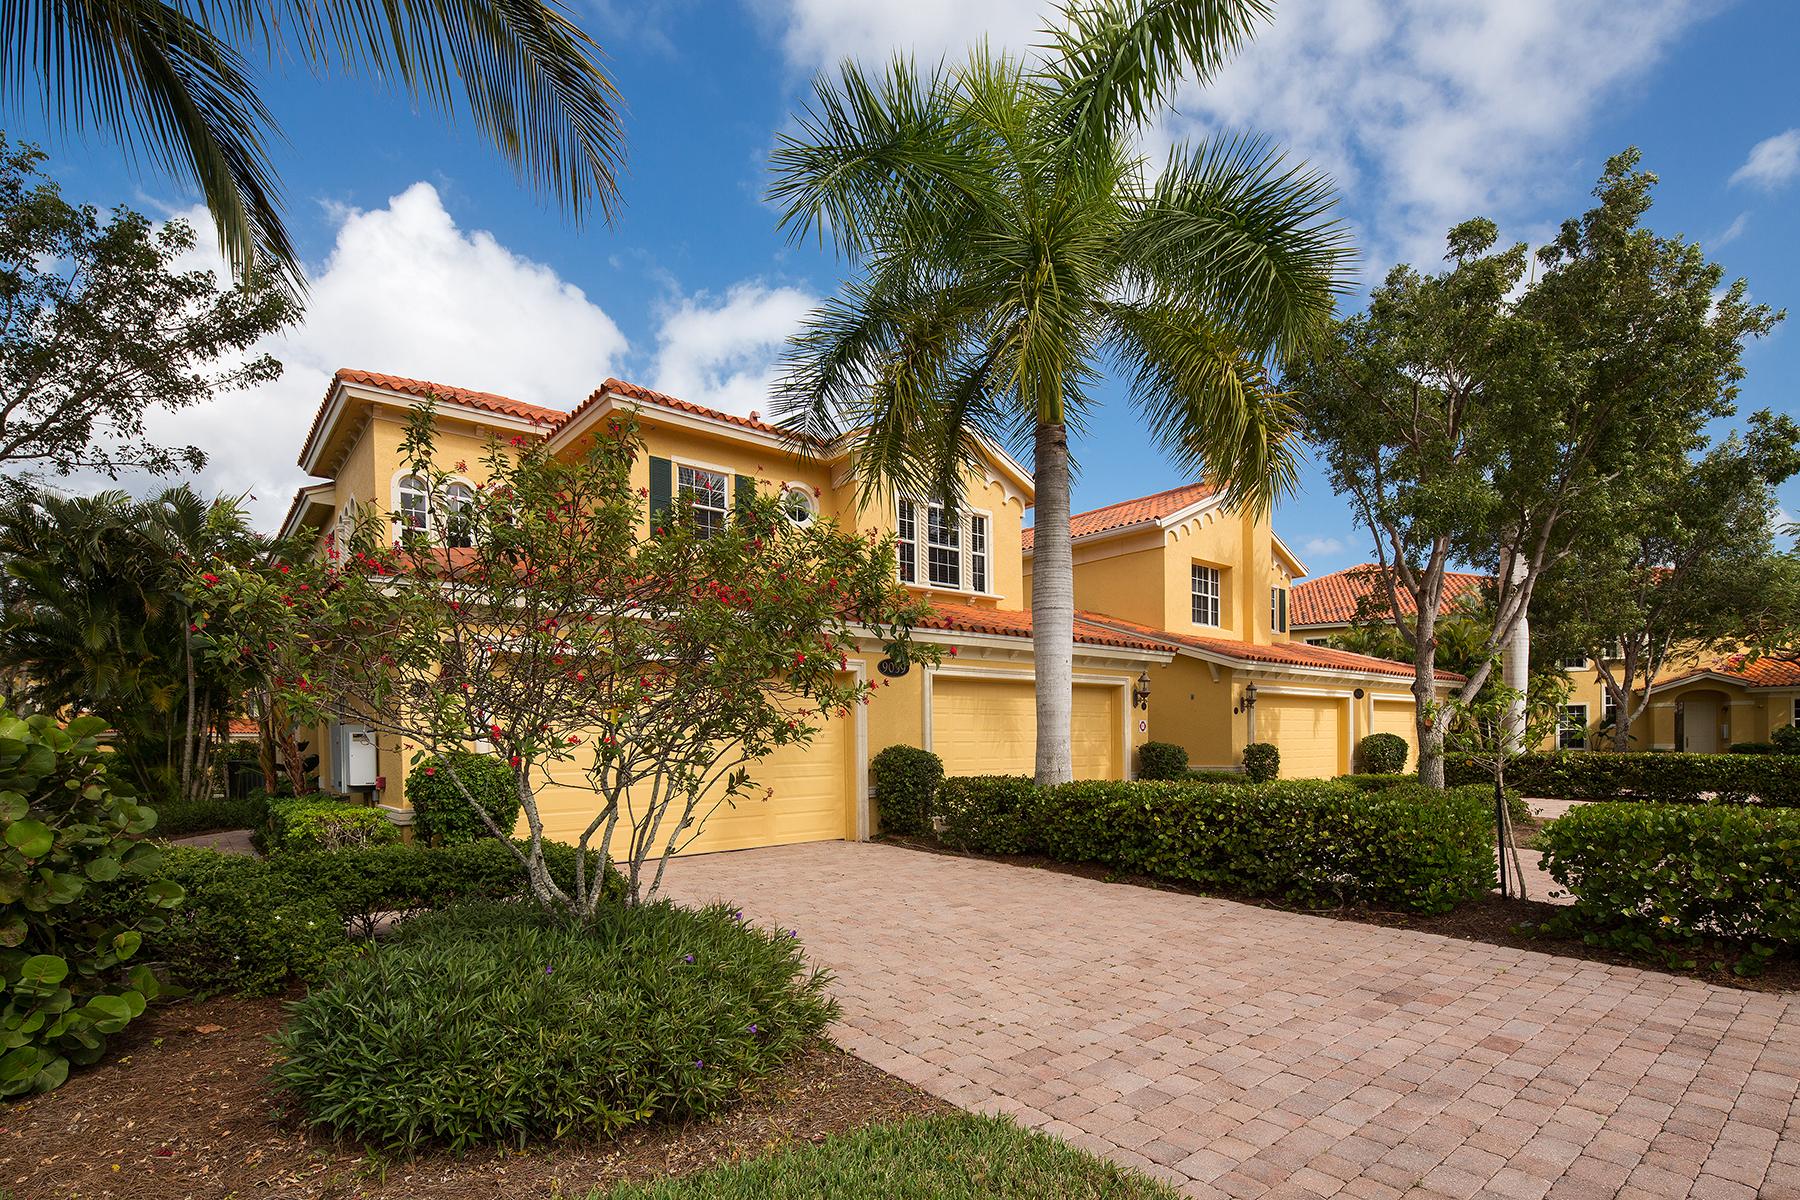 Condominium for Sale at 9059 Cascada Way , 201, Naples, FL 34114 9059 Cascada Way 201 Naples, Florida, 34114 United States